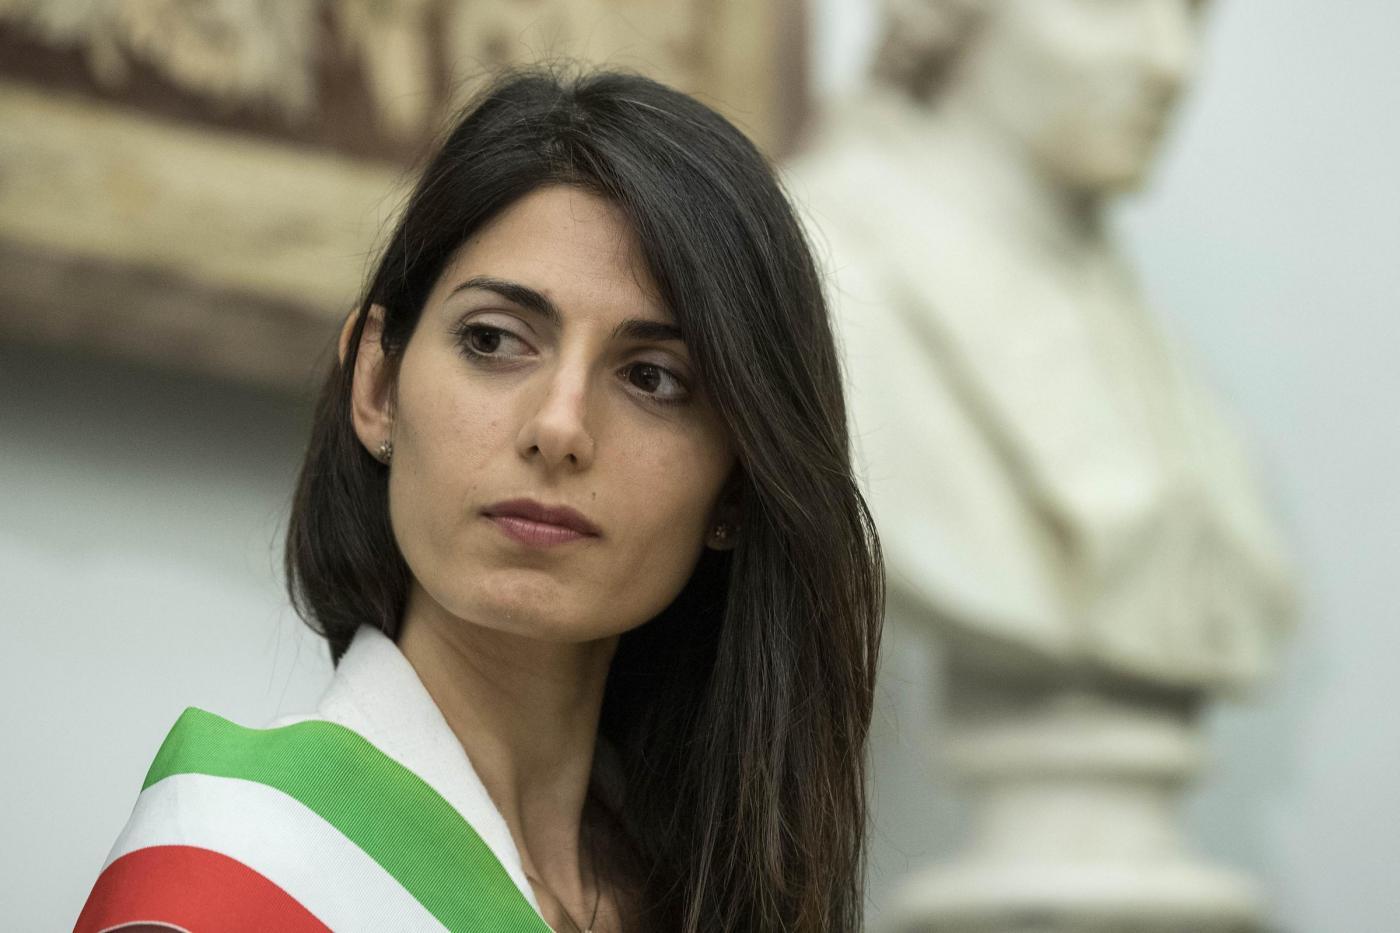 Cosa sta succedendo a Roma spiegato in breve: Movimento 5 Stelle nel caos